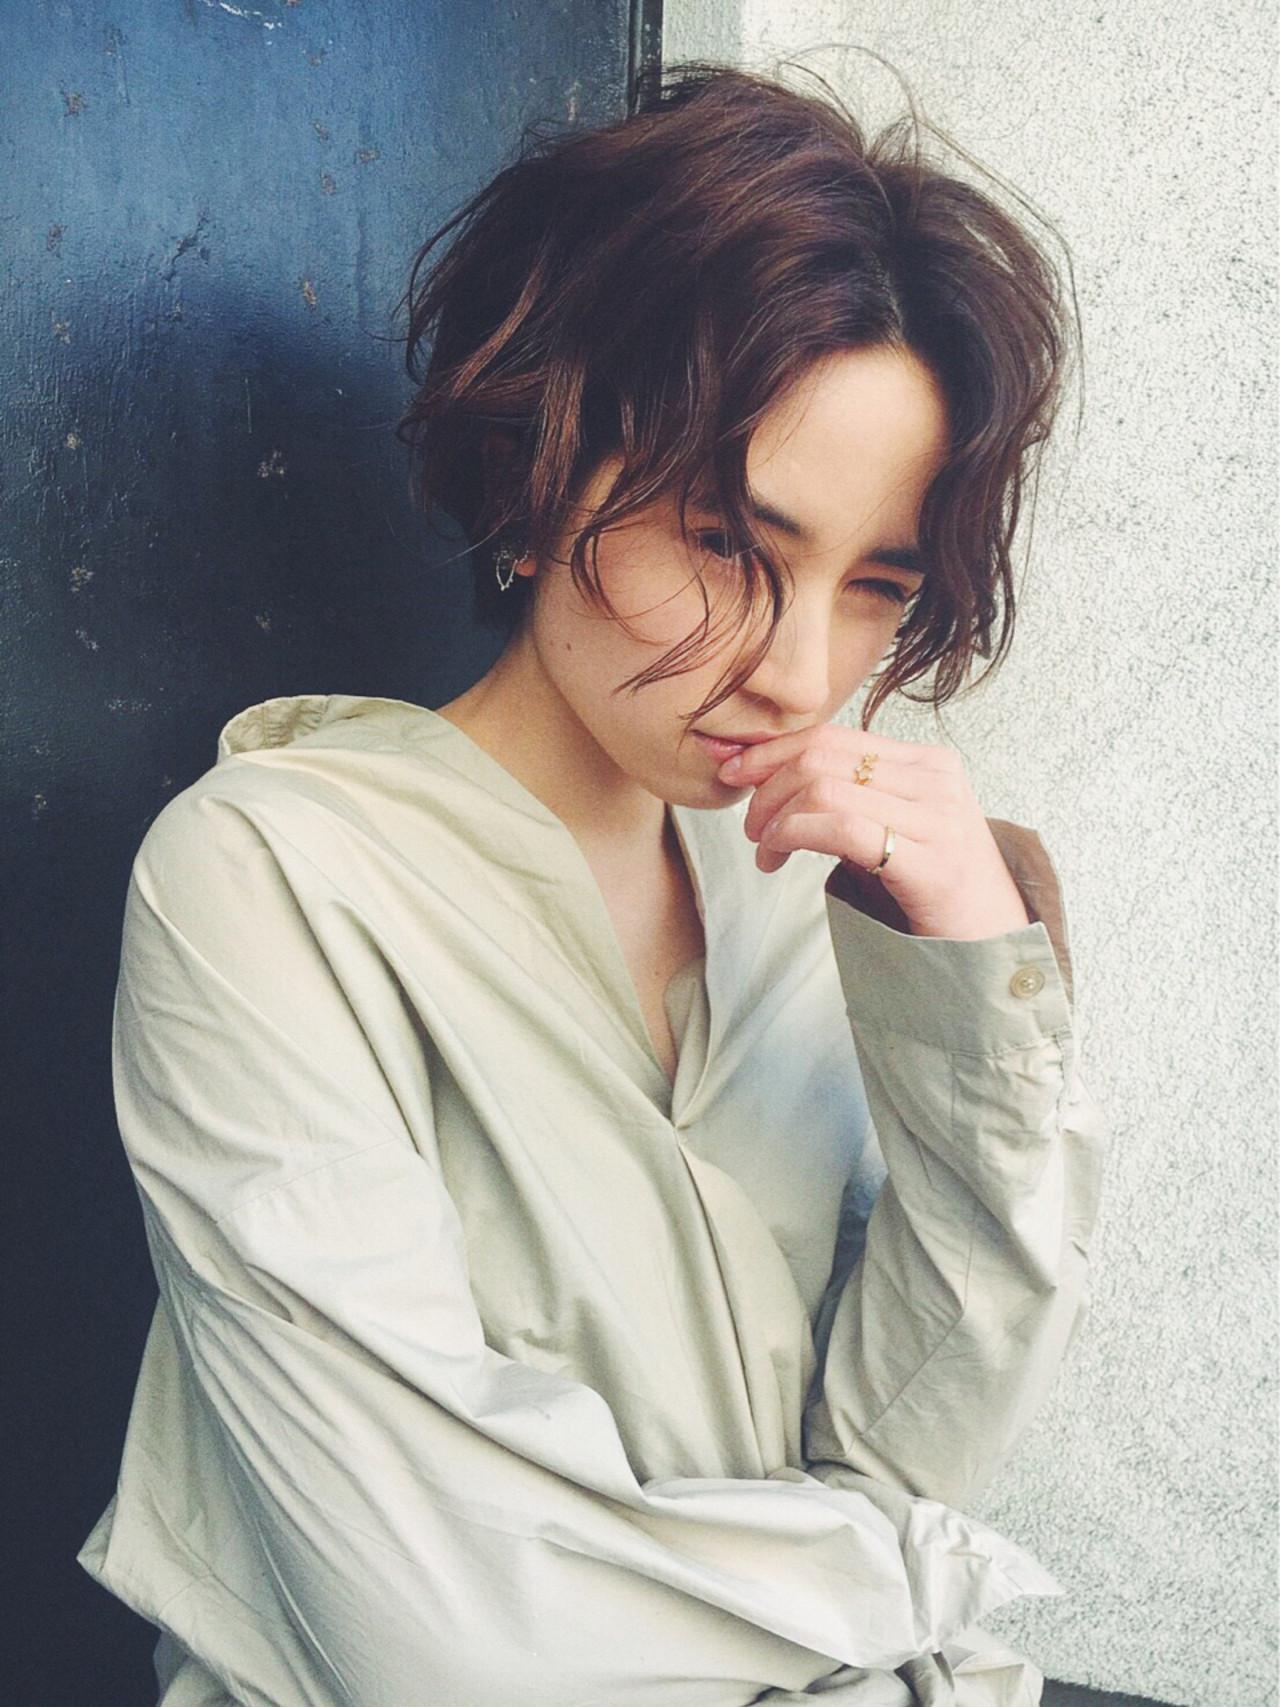 カラーは?スタイルは?とにかく知りたい2017年トレンドのヘアスタイル♡ 菅沼宏恵